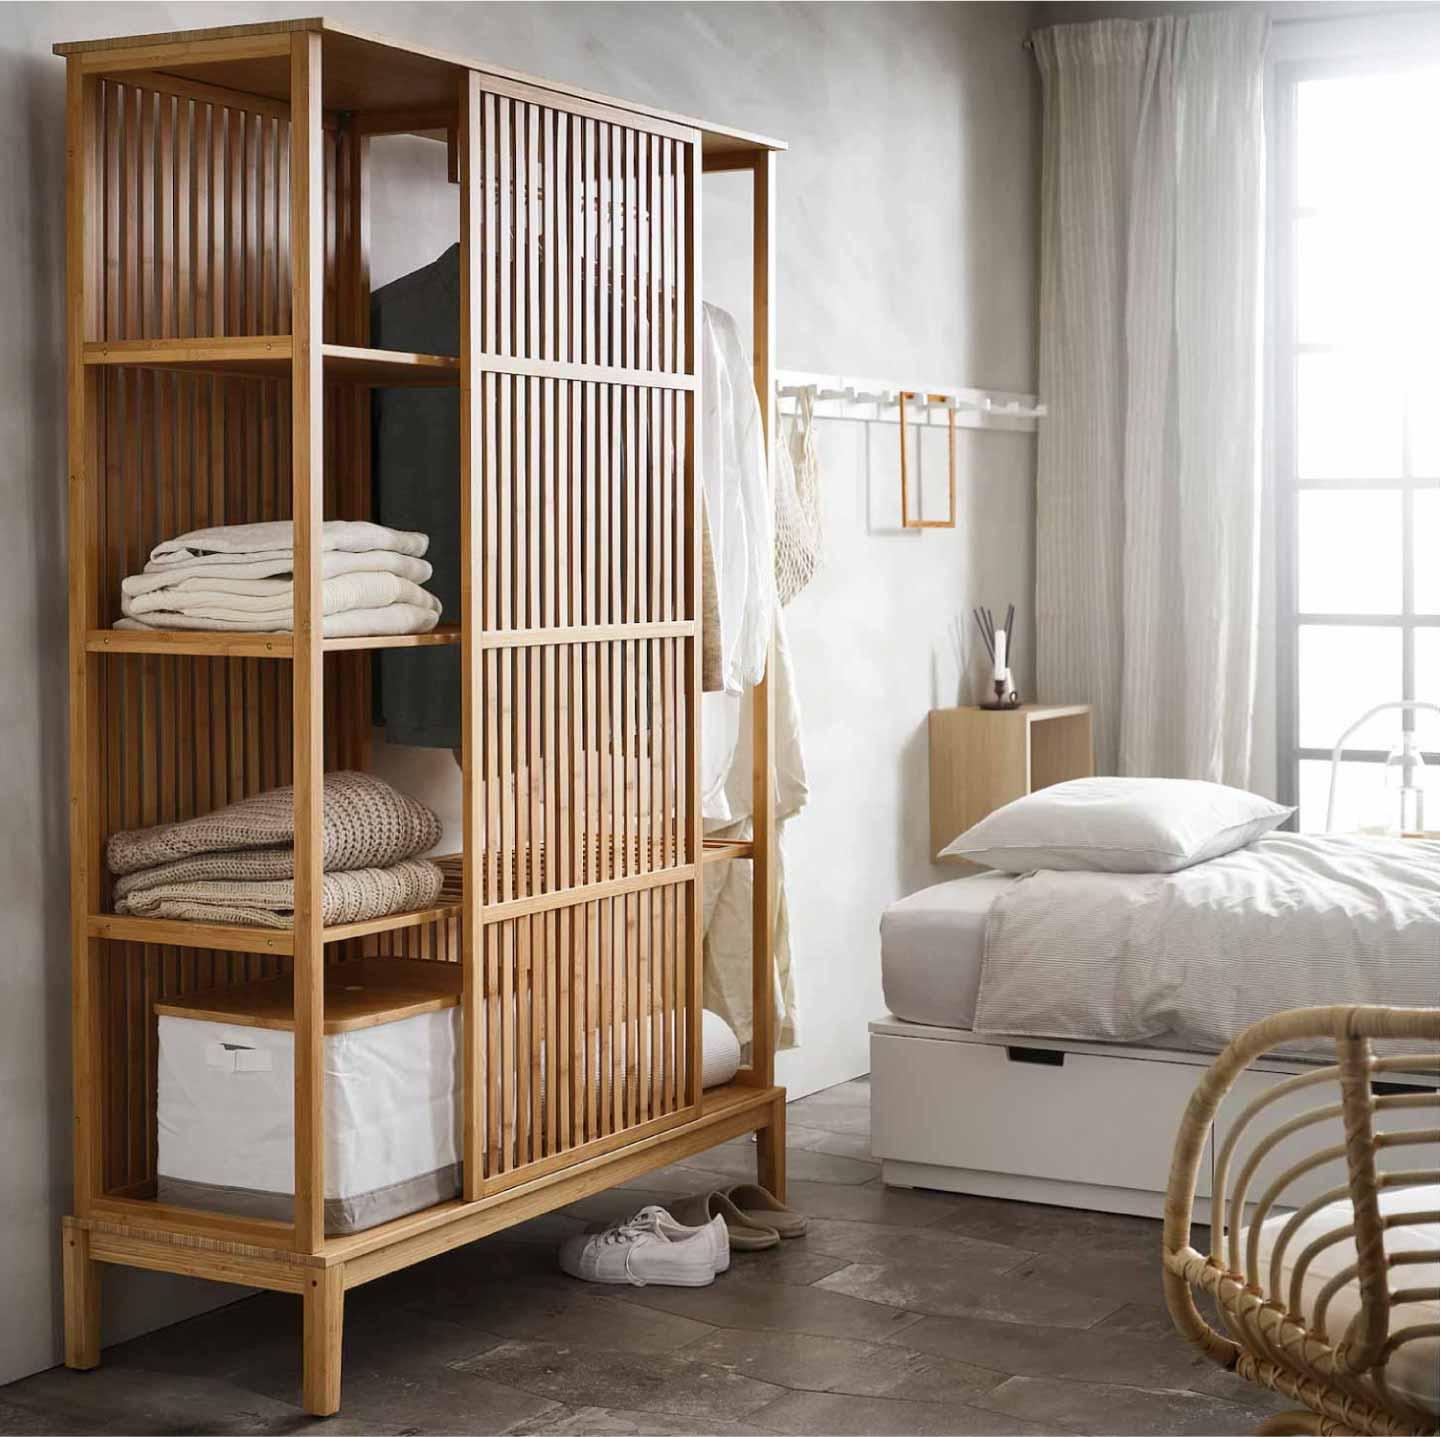 armadio a giorno in bambù